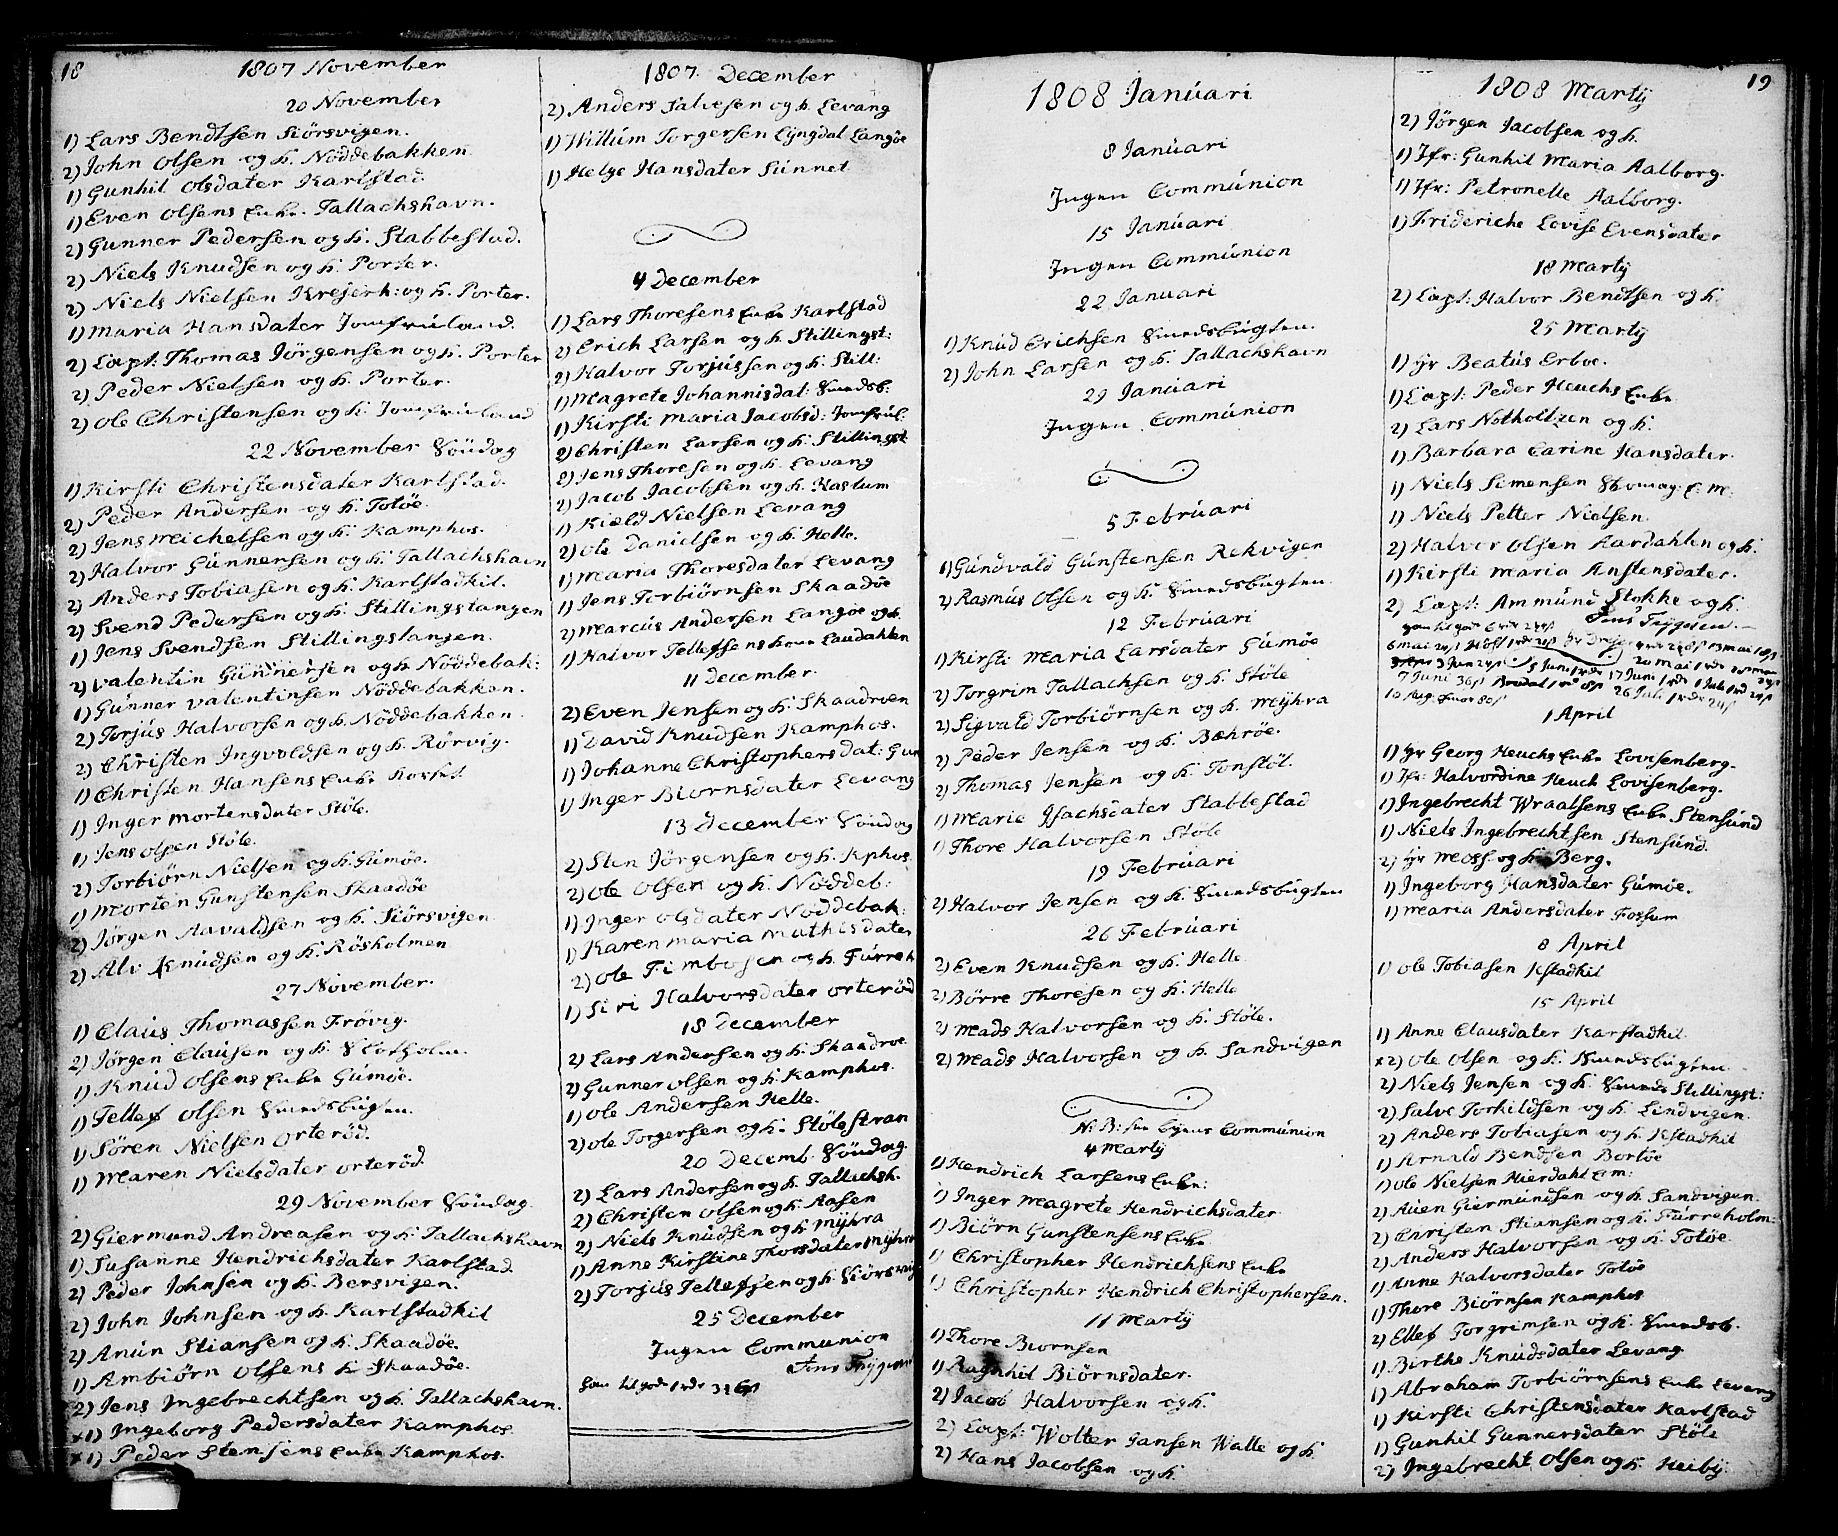 SAKO, Kragerø kirkebøker, G/Ga/L0001: Klokkerbok nr. 1 /2, 1806-1811, s. 18-19